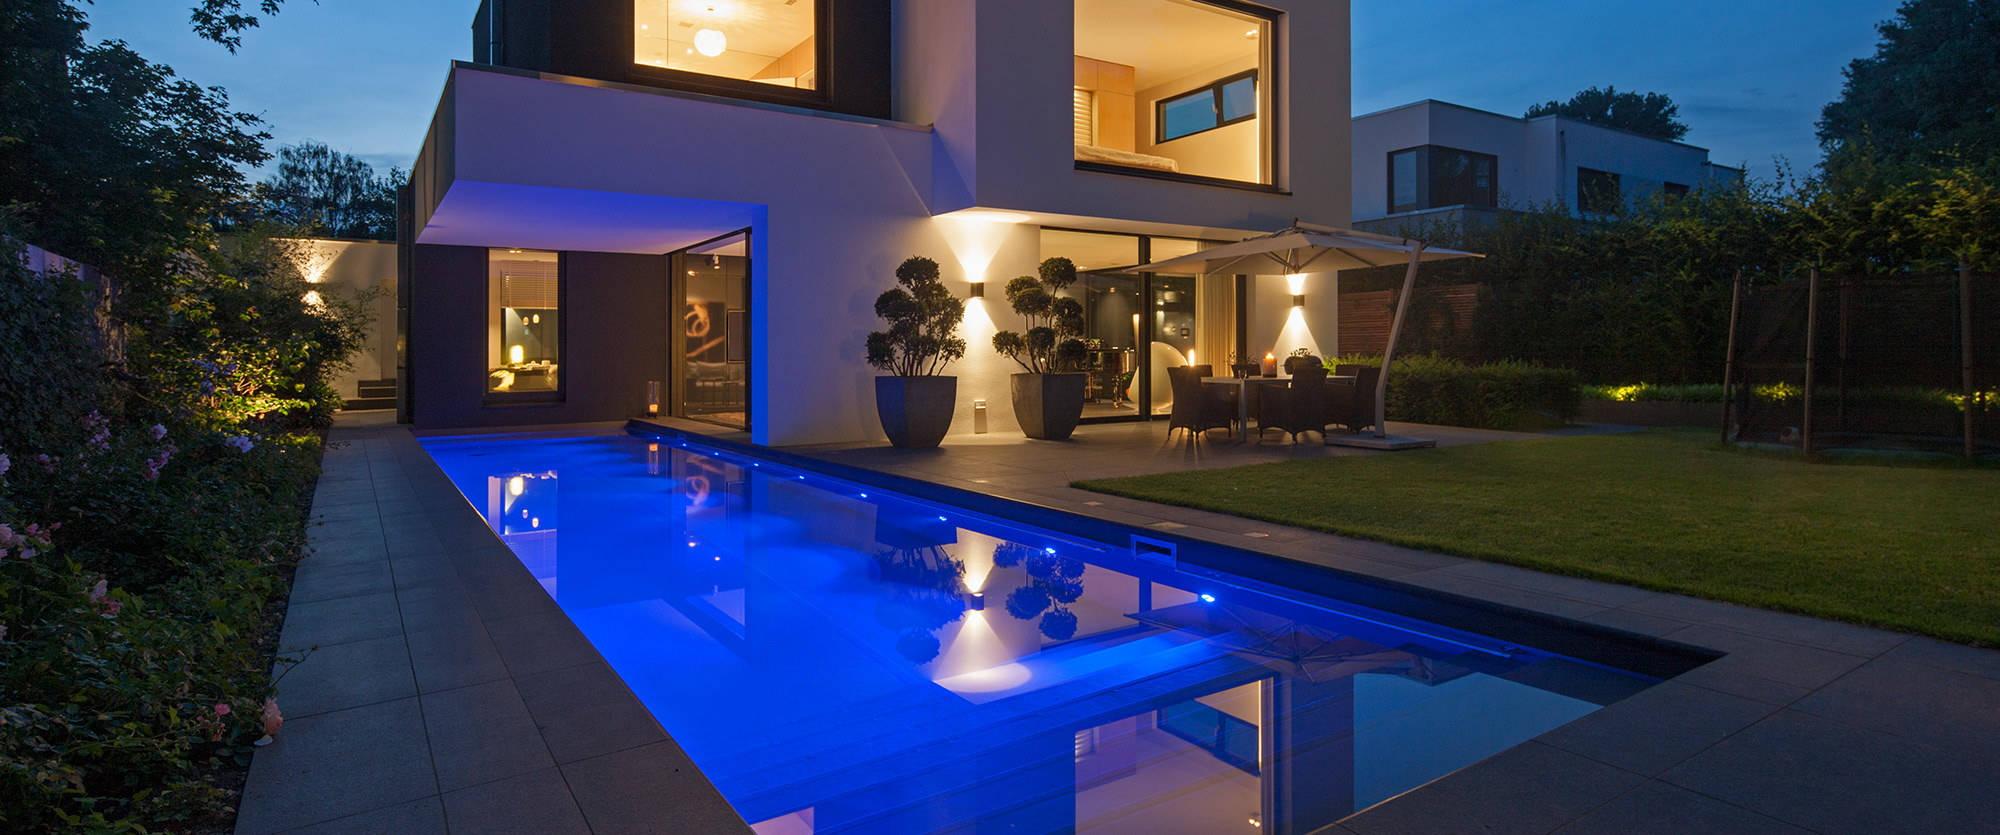 moderner au enpool mit abwechslungsreichem lichtspiel. Black Bedroom Furniture Sets. Home Design Ideas